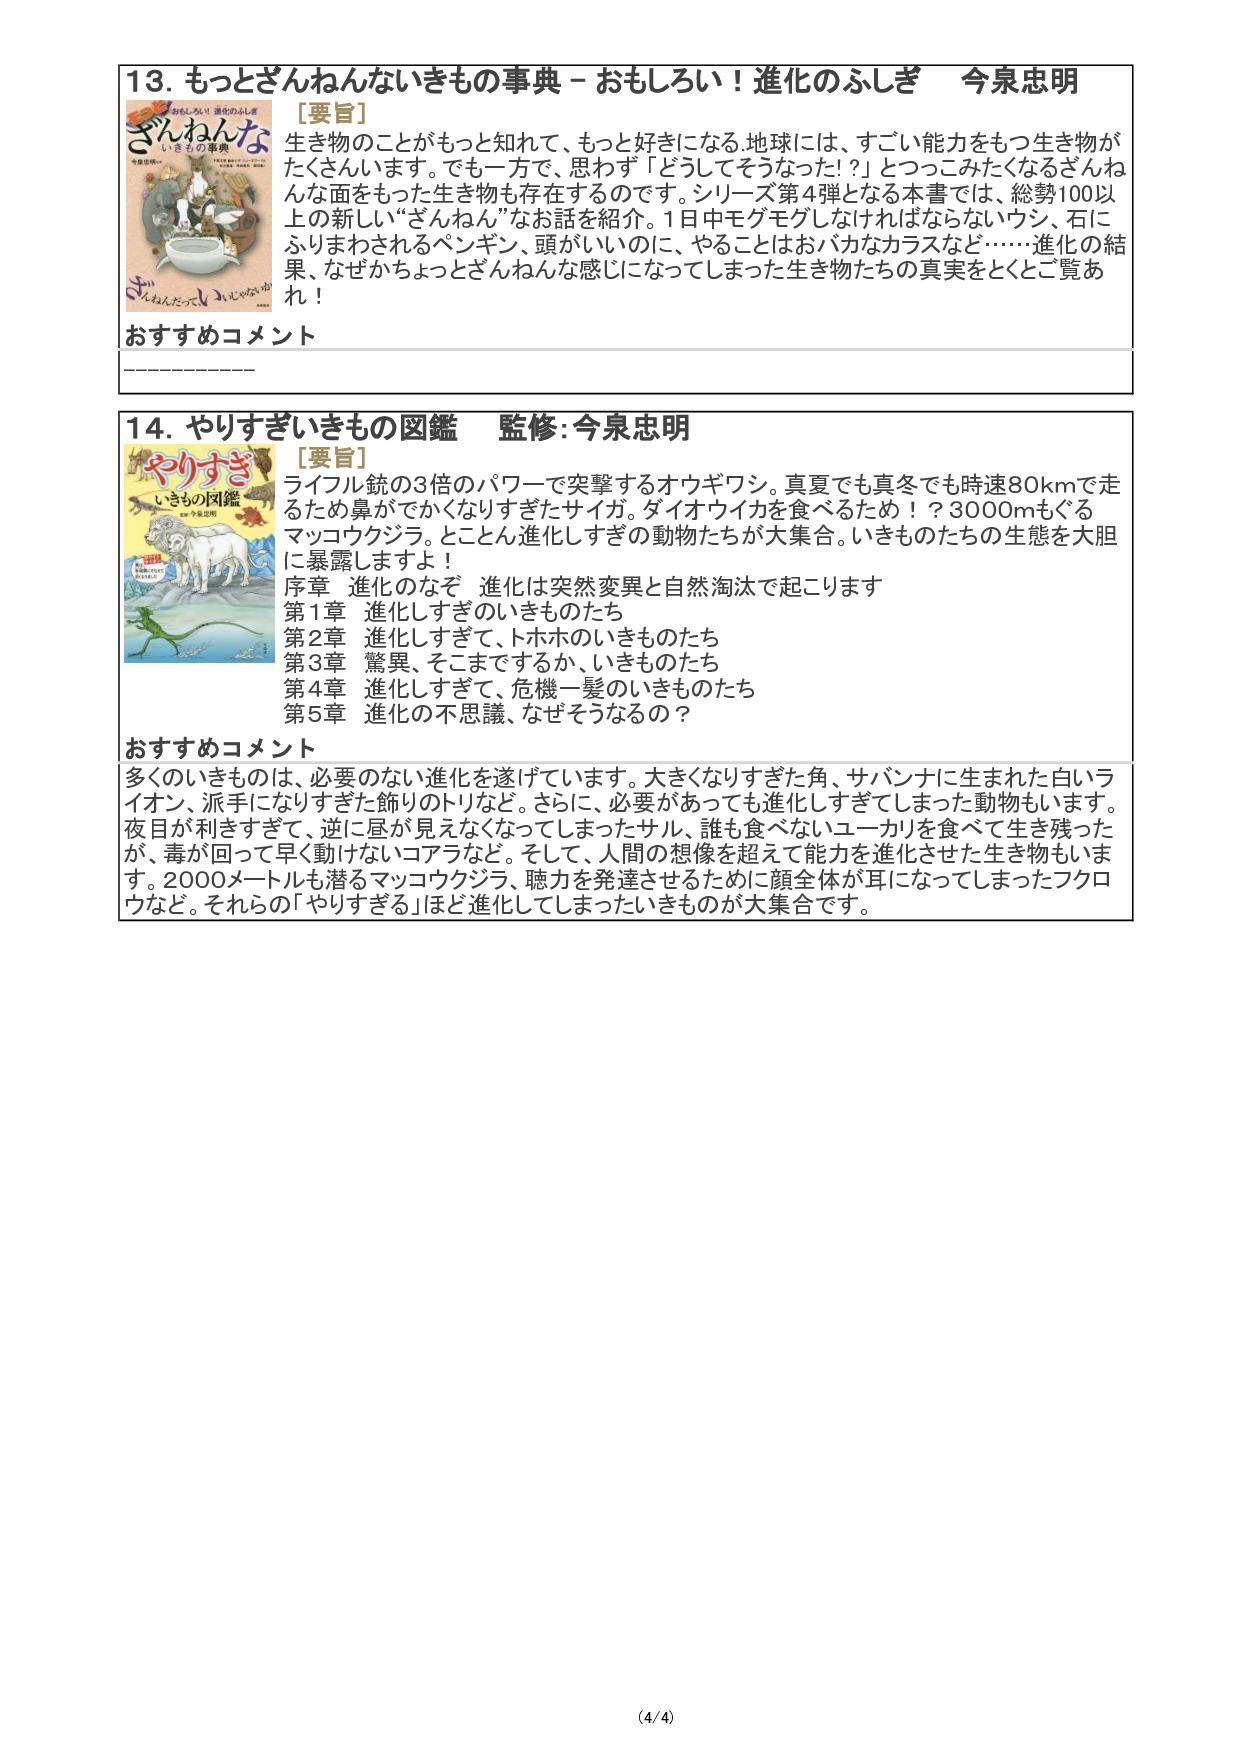 配架本紹介2019年9月分_p004